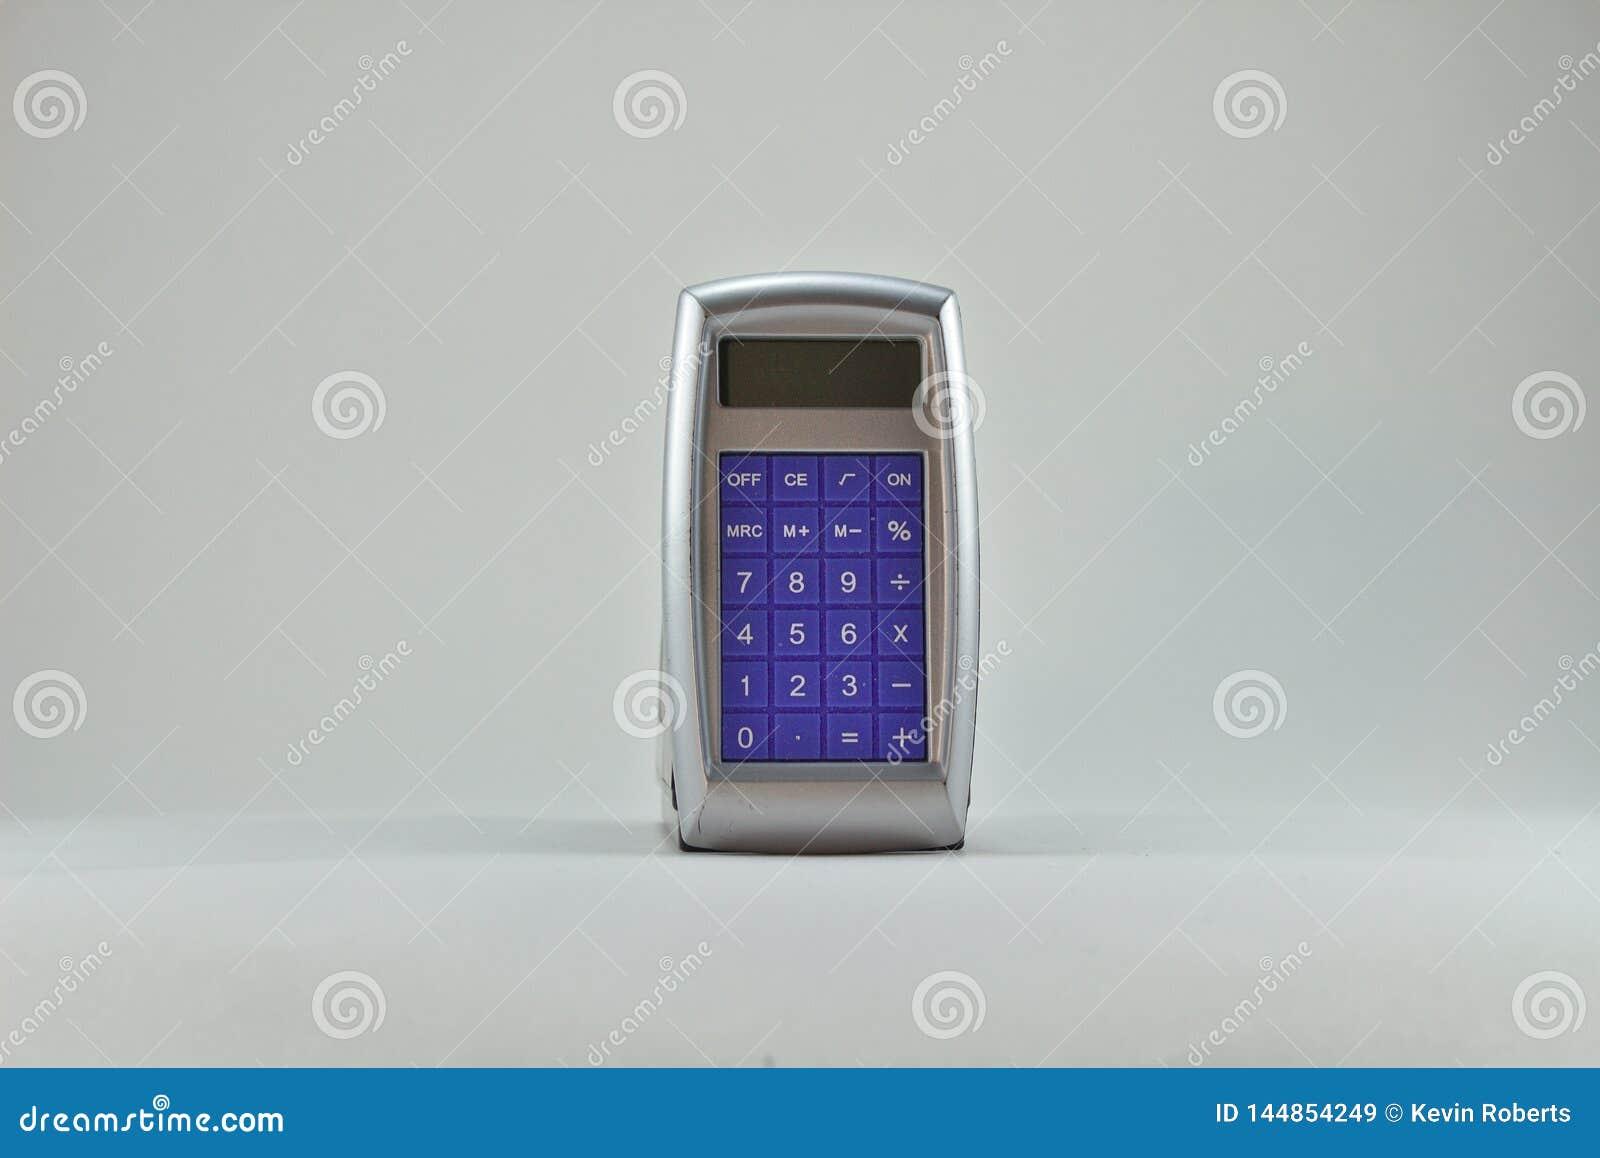 Frente azul de la calculadora vieja en 3141 de plata